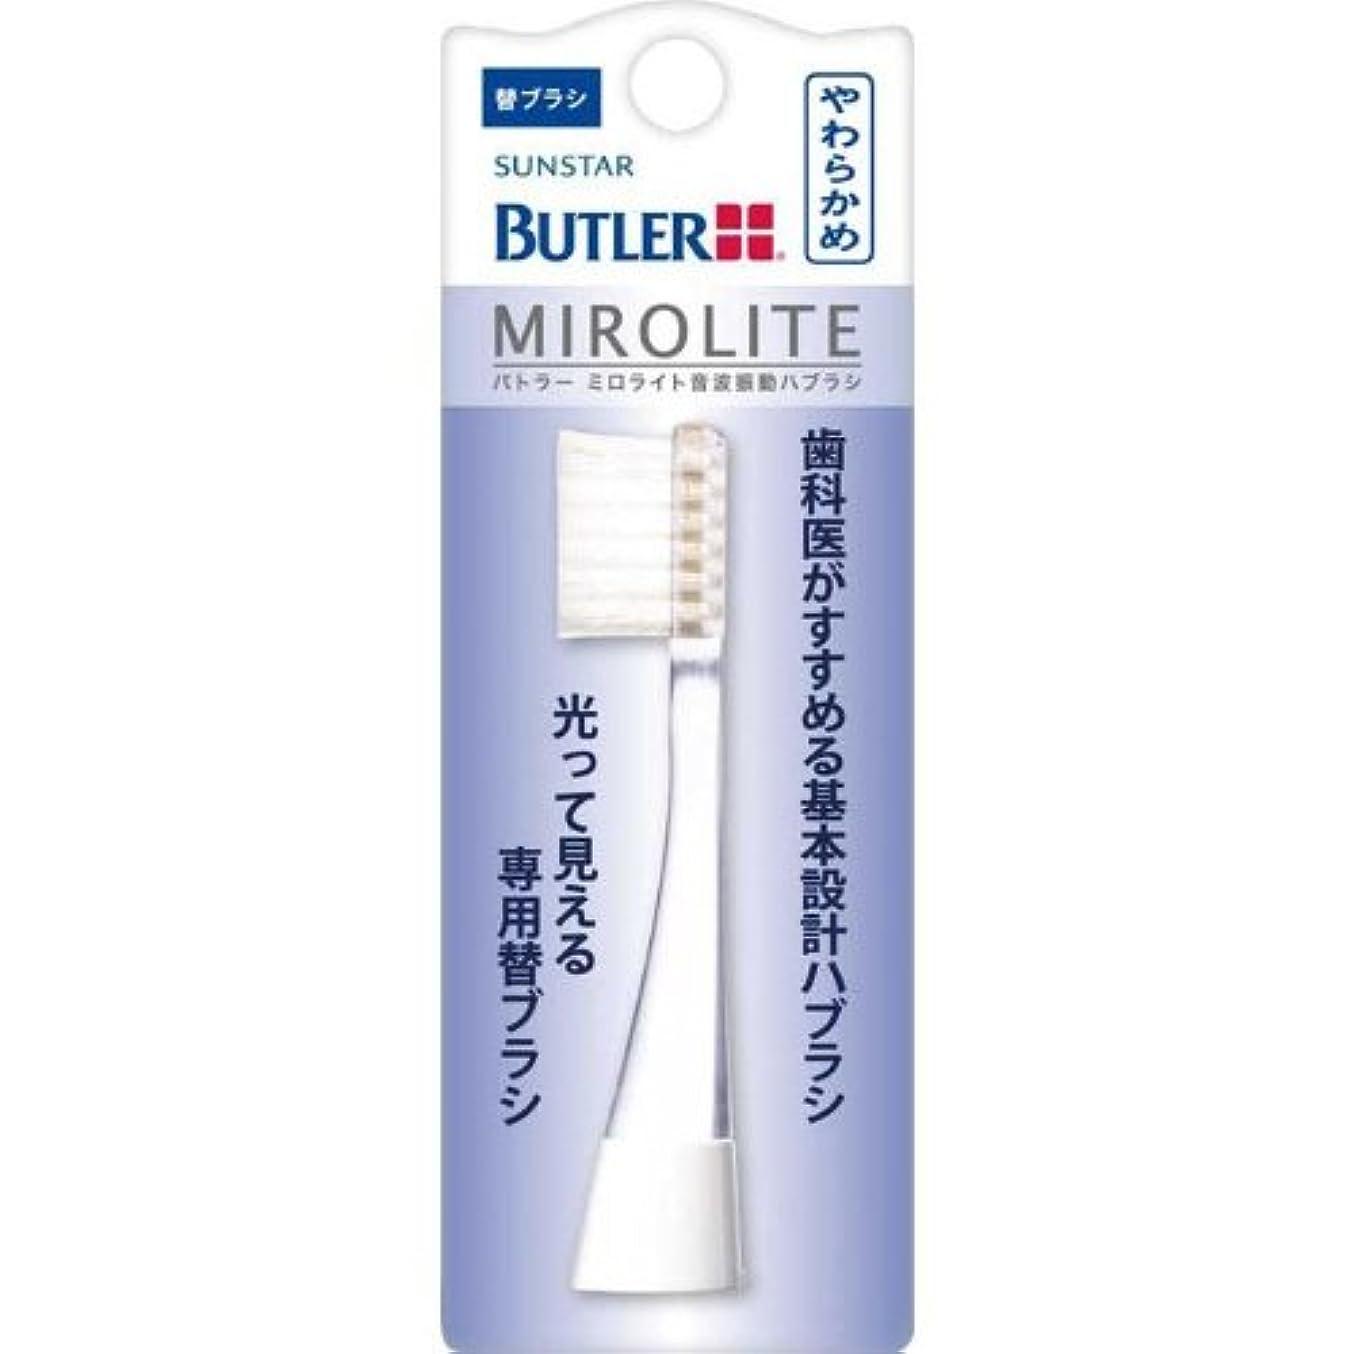 。ショットルーチンBUTLER(バトラー) ミロライト 音波振動ハブラシ 替ブラシ やわらかめ TB-01S